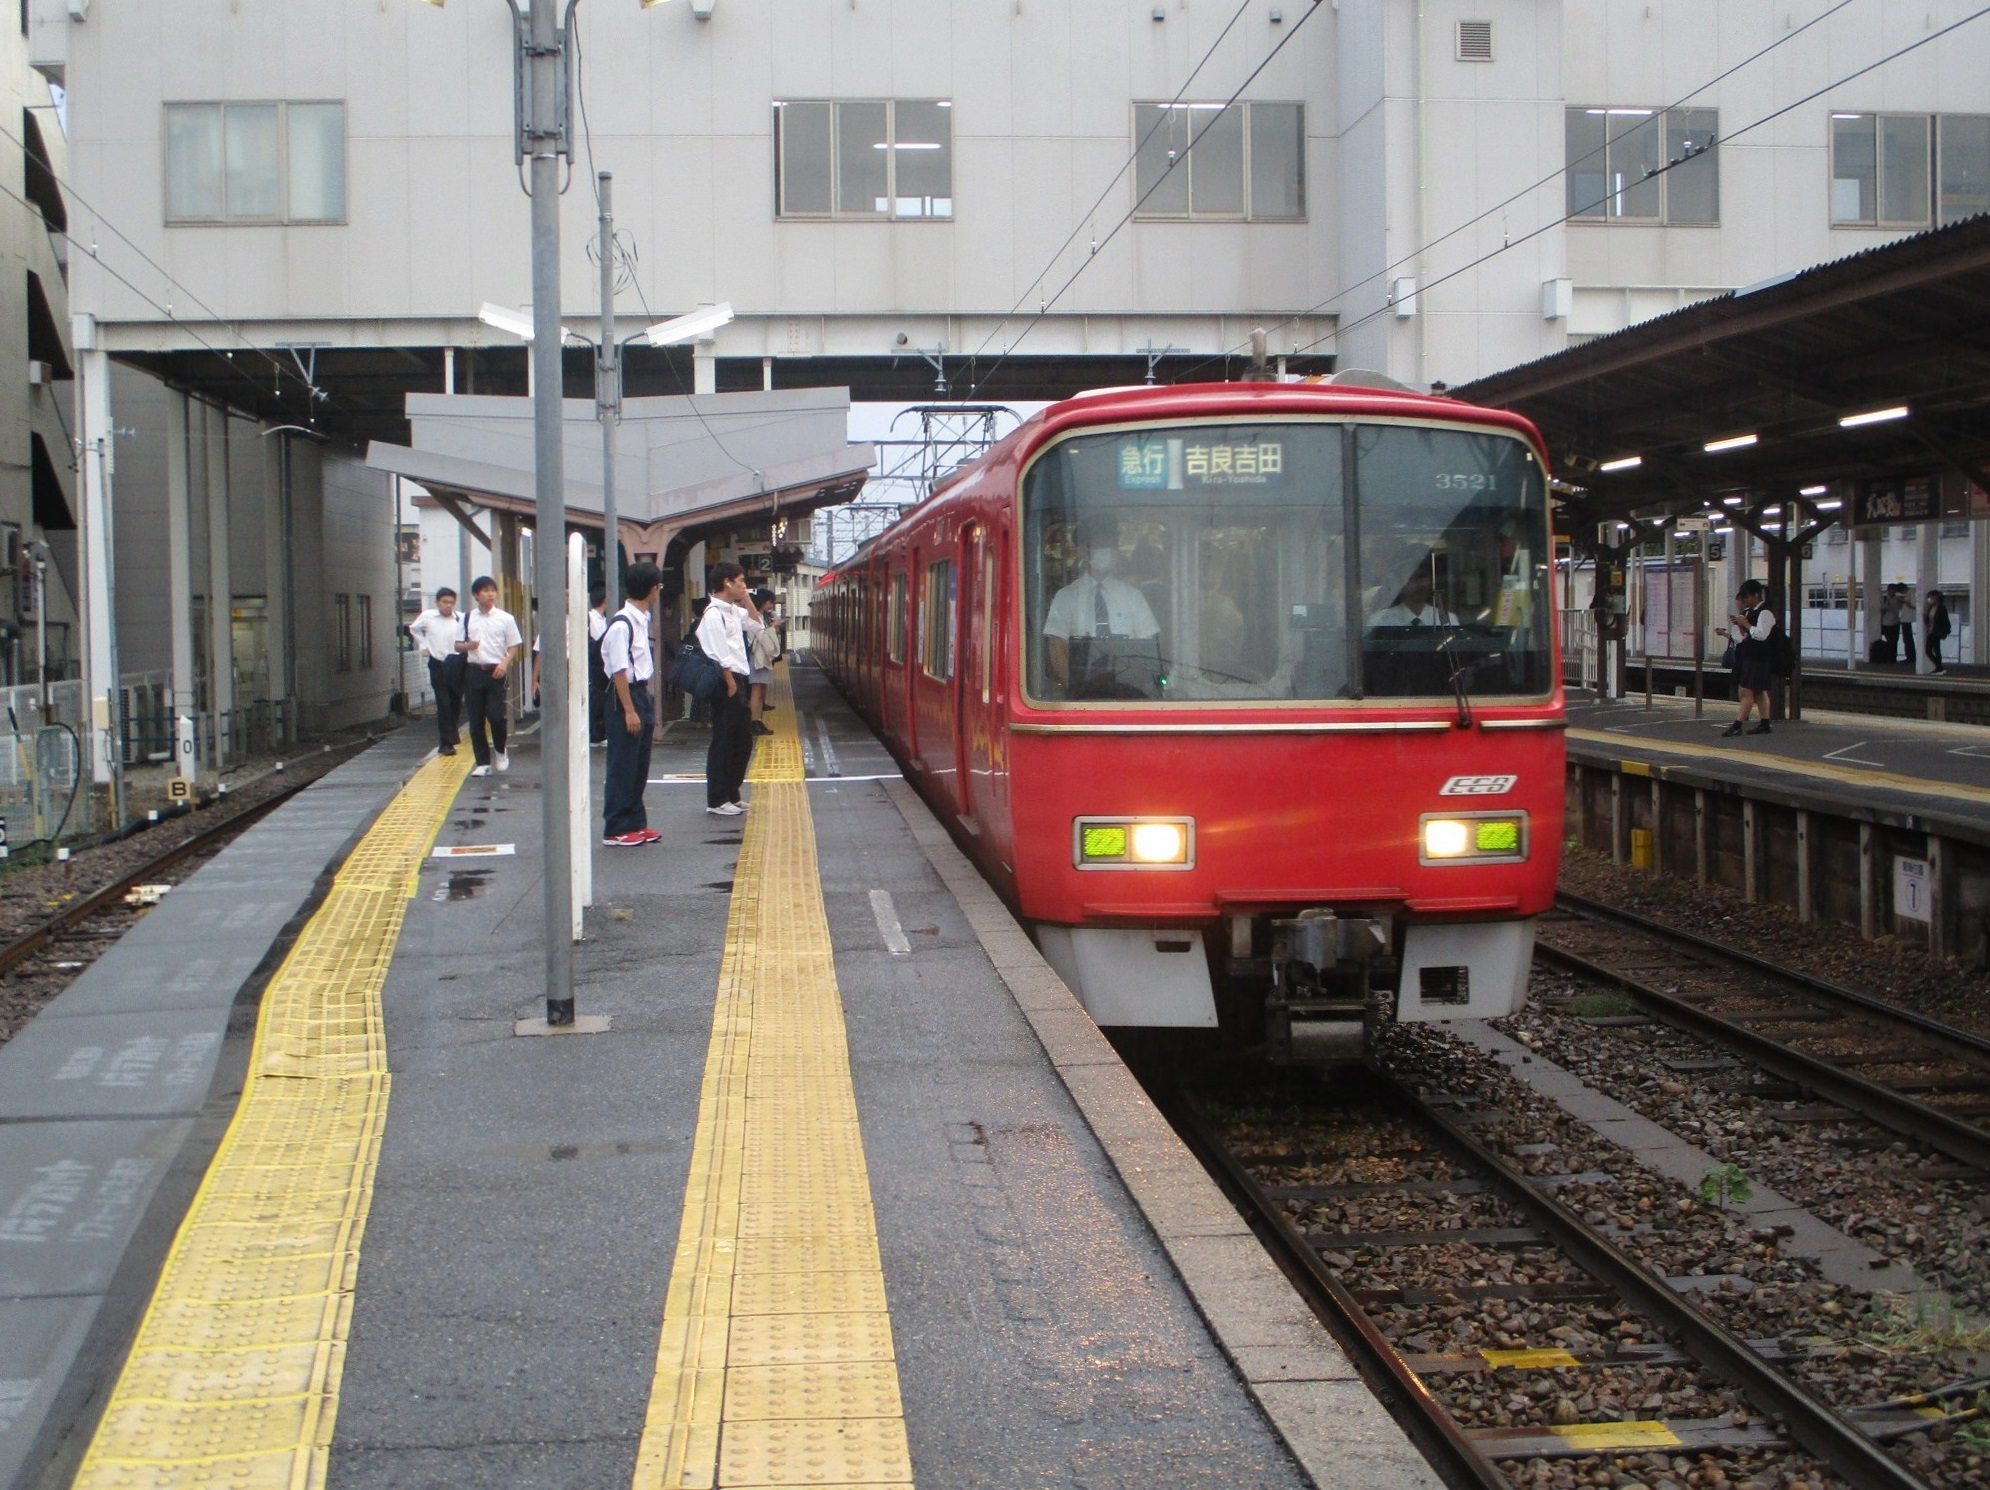 2019.10.7 (39) しんあんじょう - 吉良吉田いき急行 1990-1490